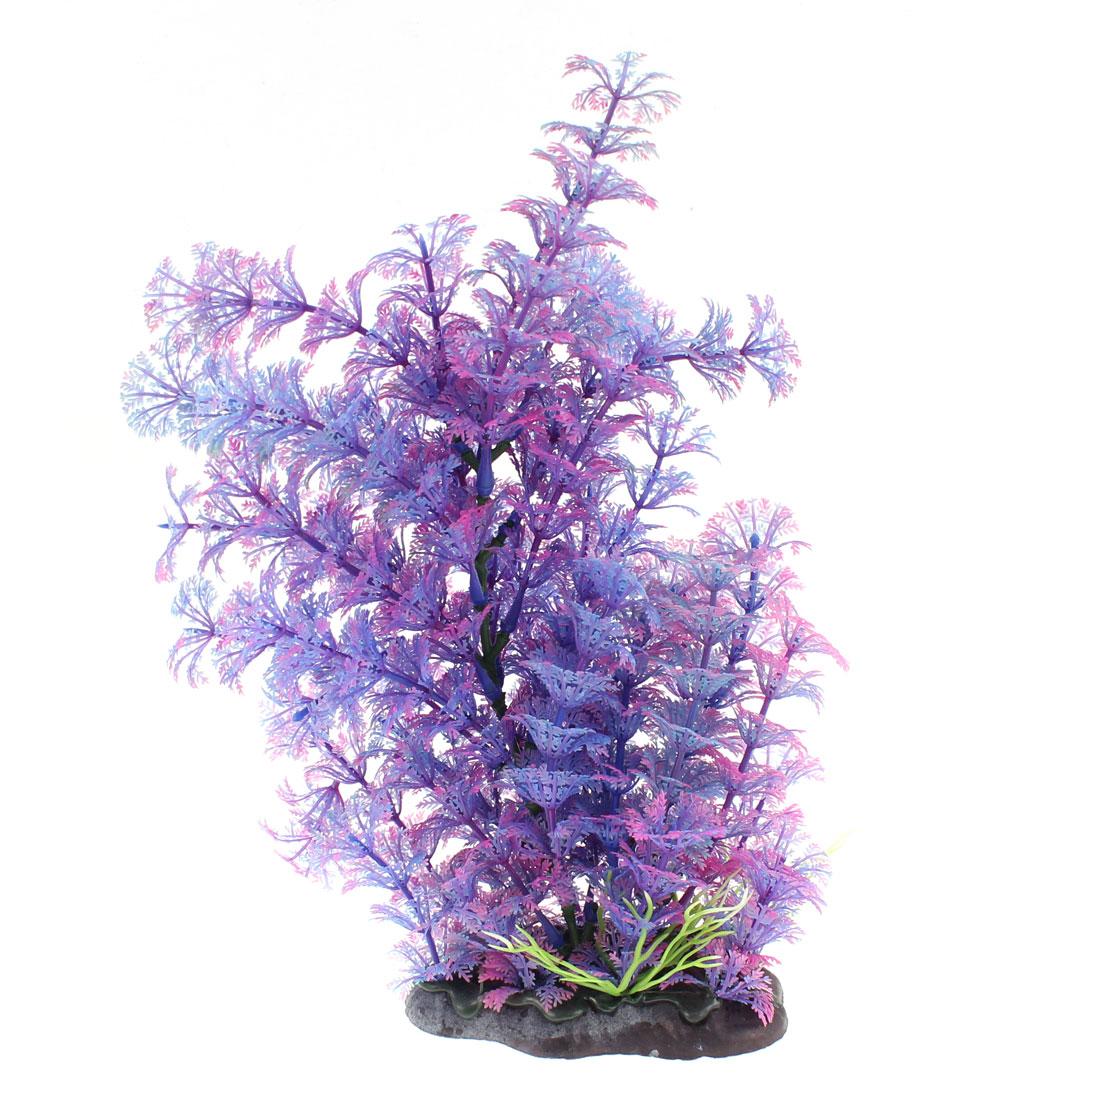 Aquarium Plastic Artificial Underwater Plant Decor Purple 23cm Height